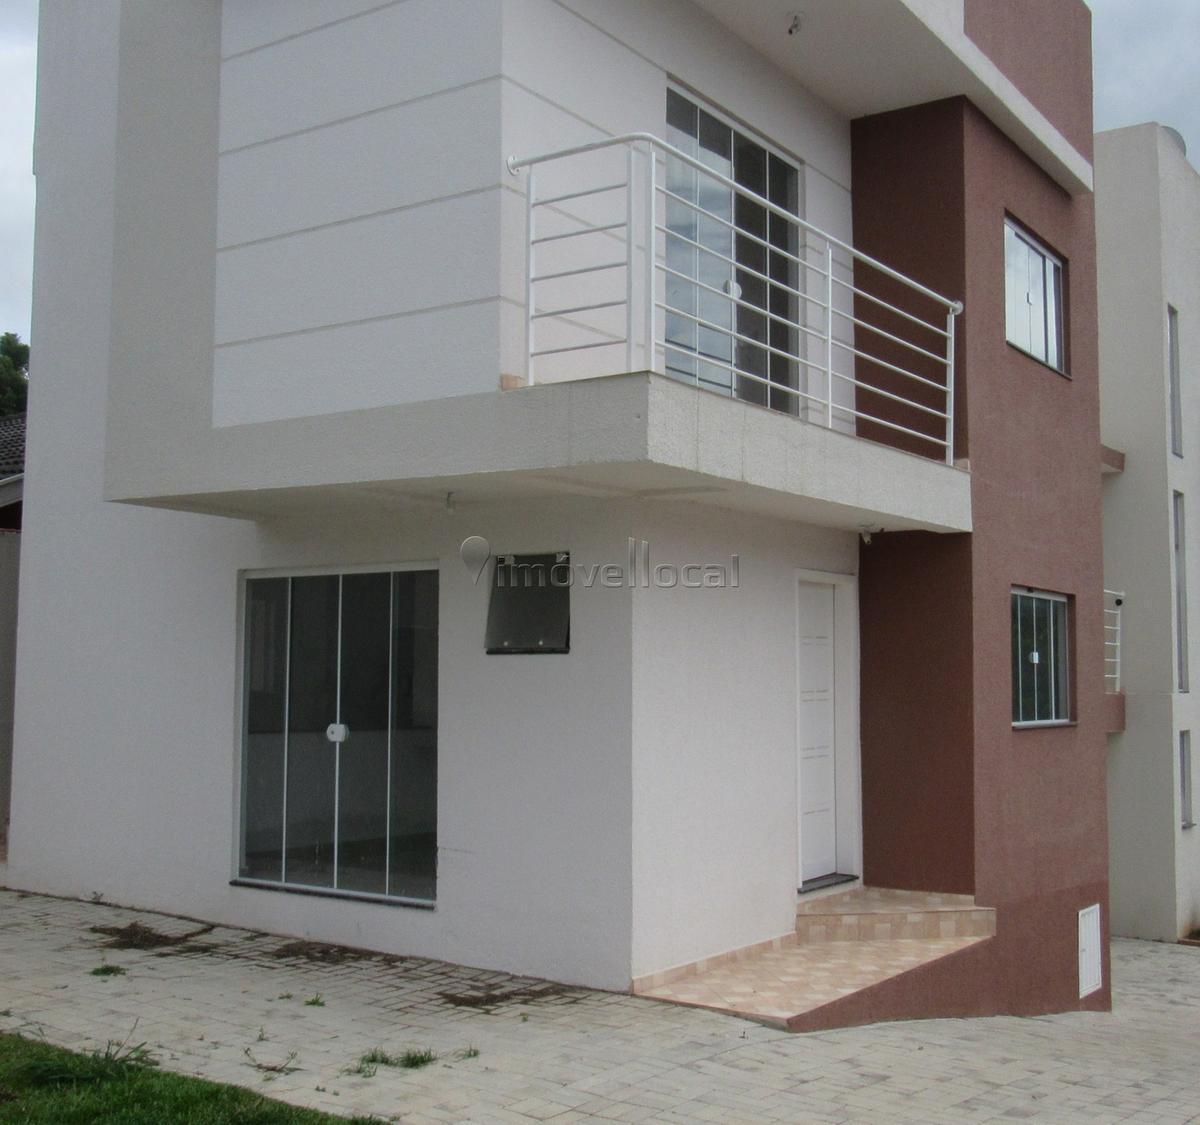 http://www.infocenterhost2.com.br/crm/fotosimovel/463453/106632194-sobrado-em-condominio-curitiba-boa-vista.jpg